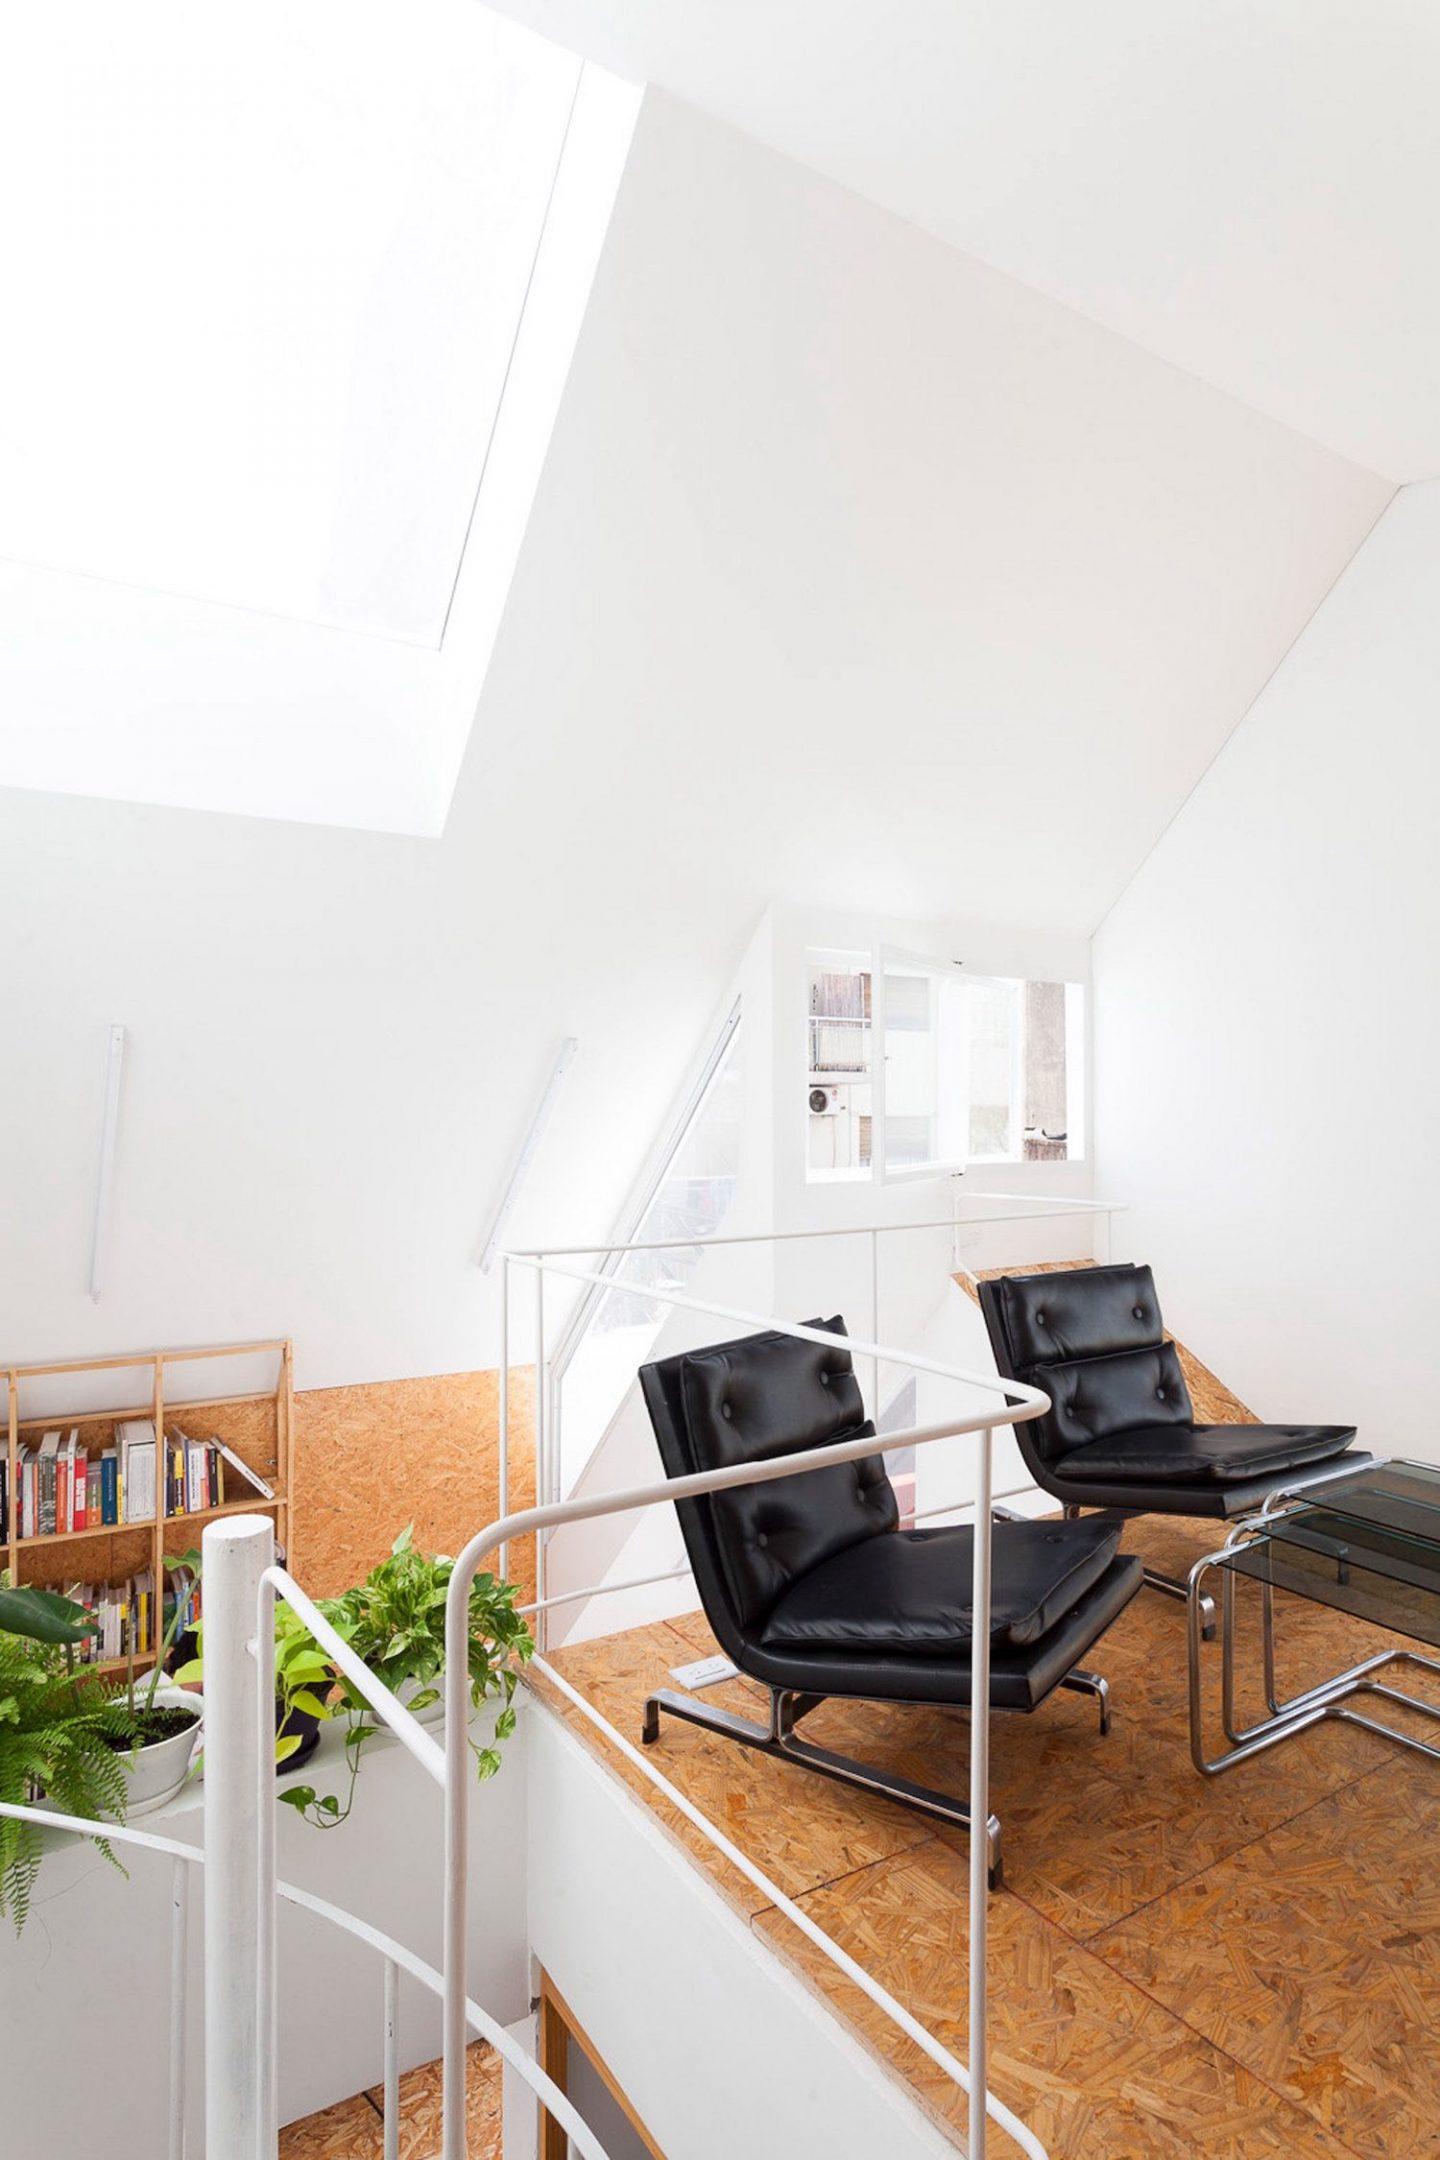 ignant_architecture_ccpm-arquitectos_002